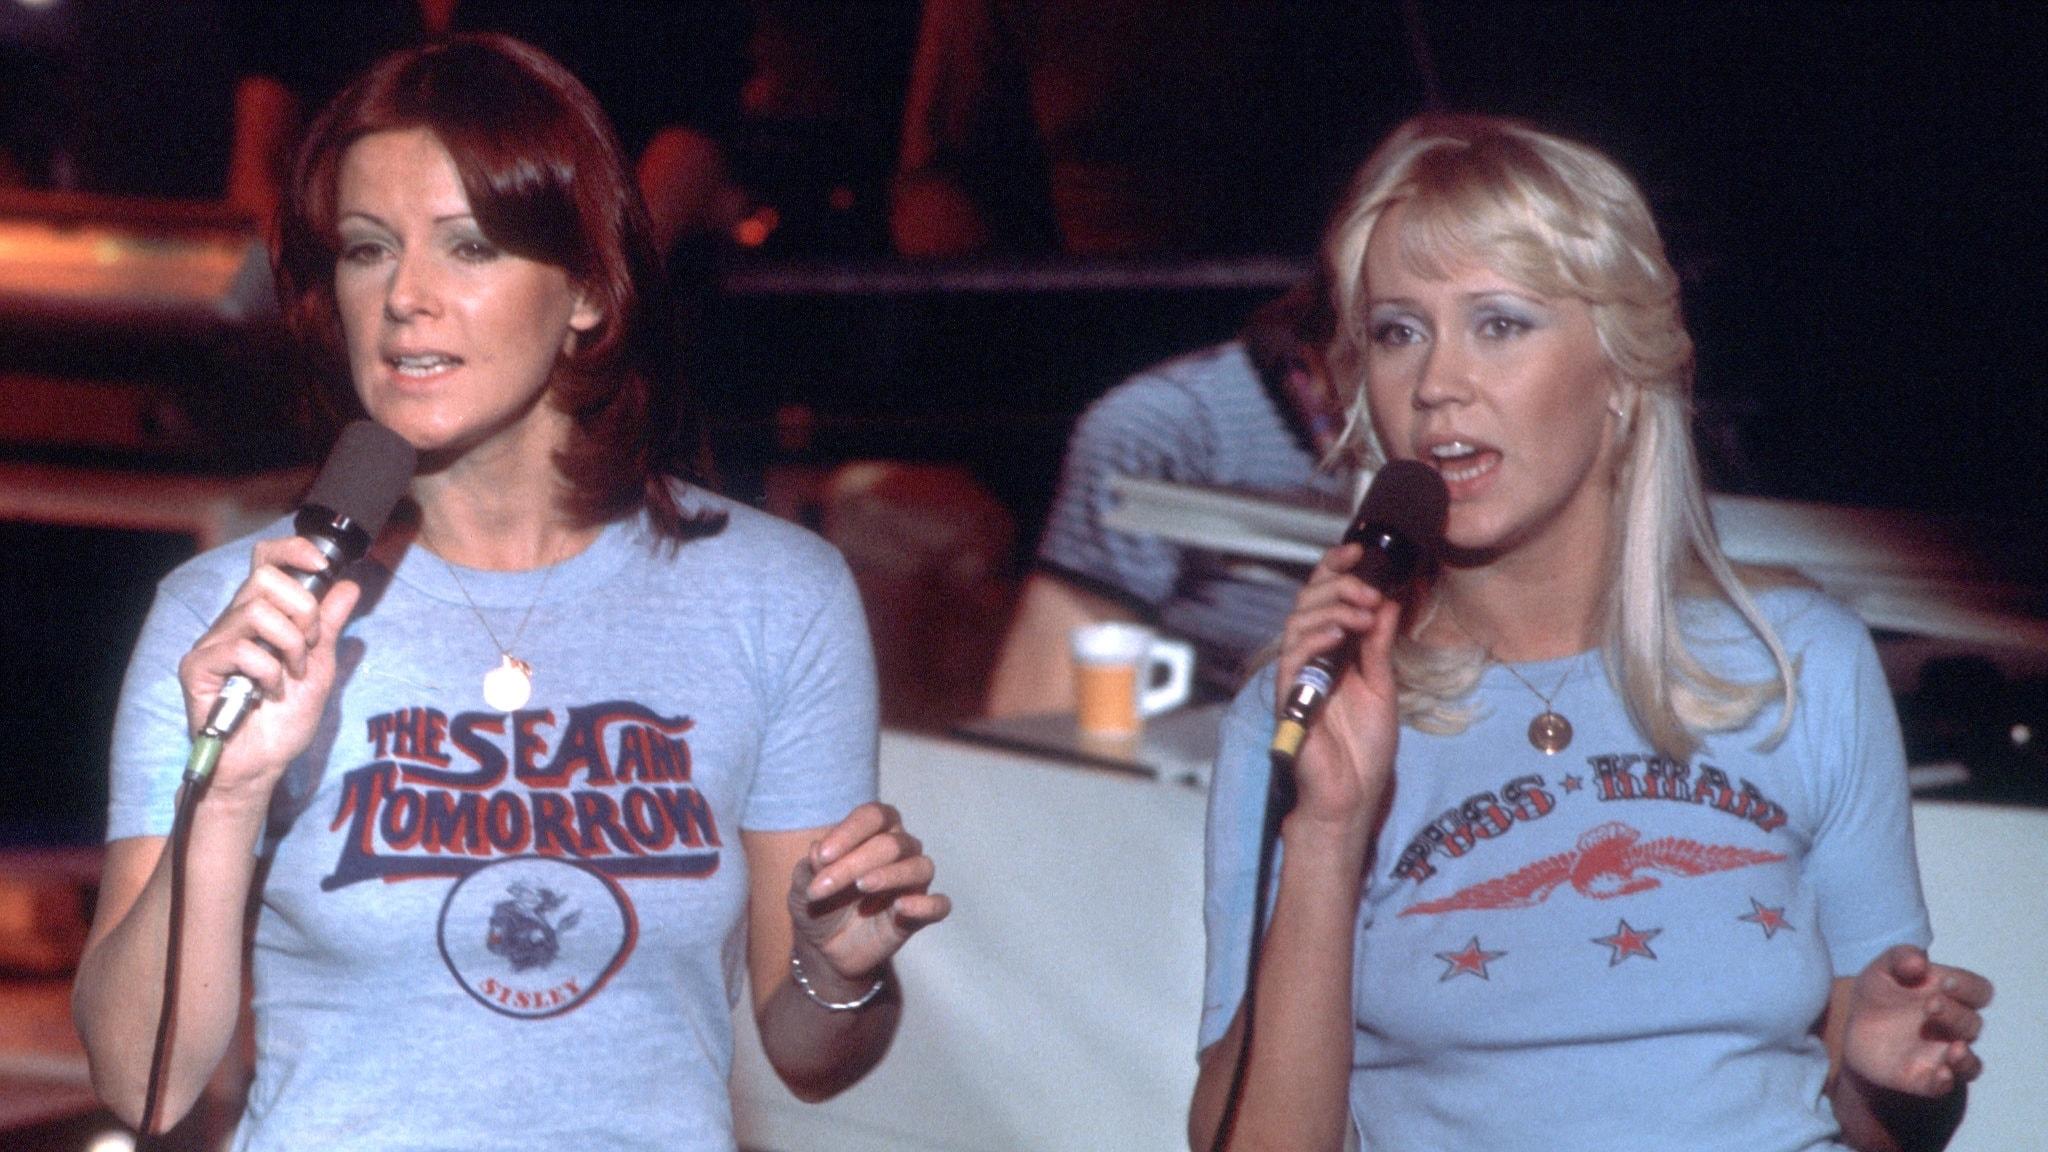 Agnetha Fältskog och Frida var konkurrenter på Svensktoppen 1976. Hör vem det gick bäst för!